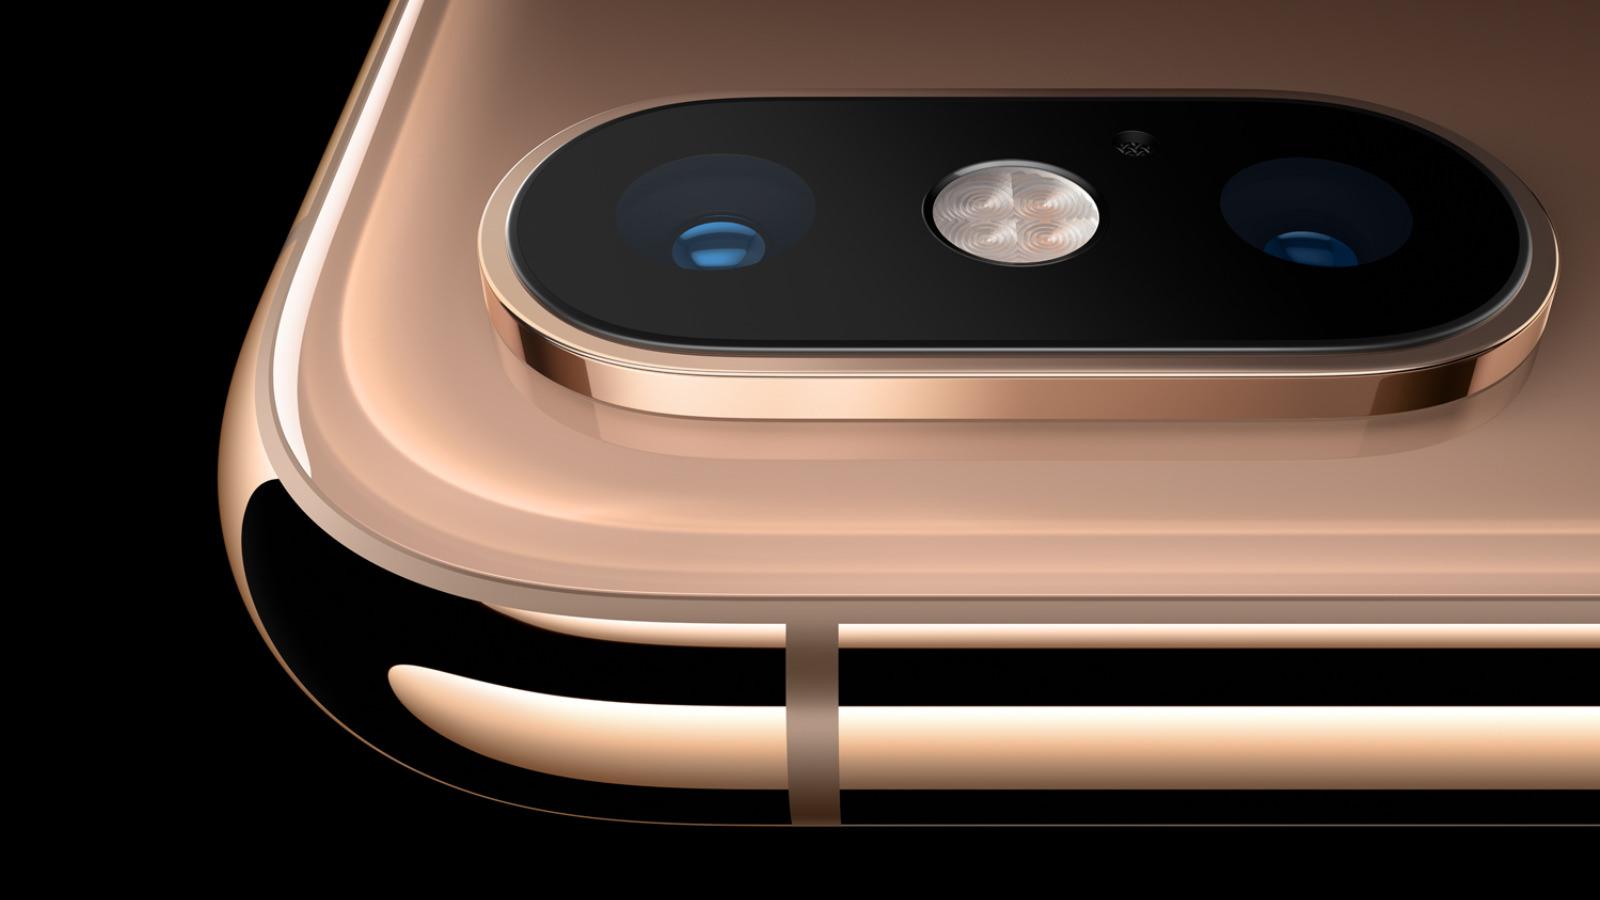 iphone-xs-camera-in-gold.jpg